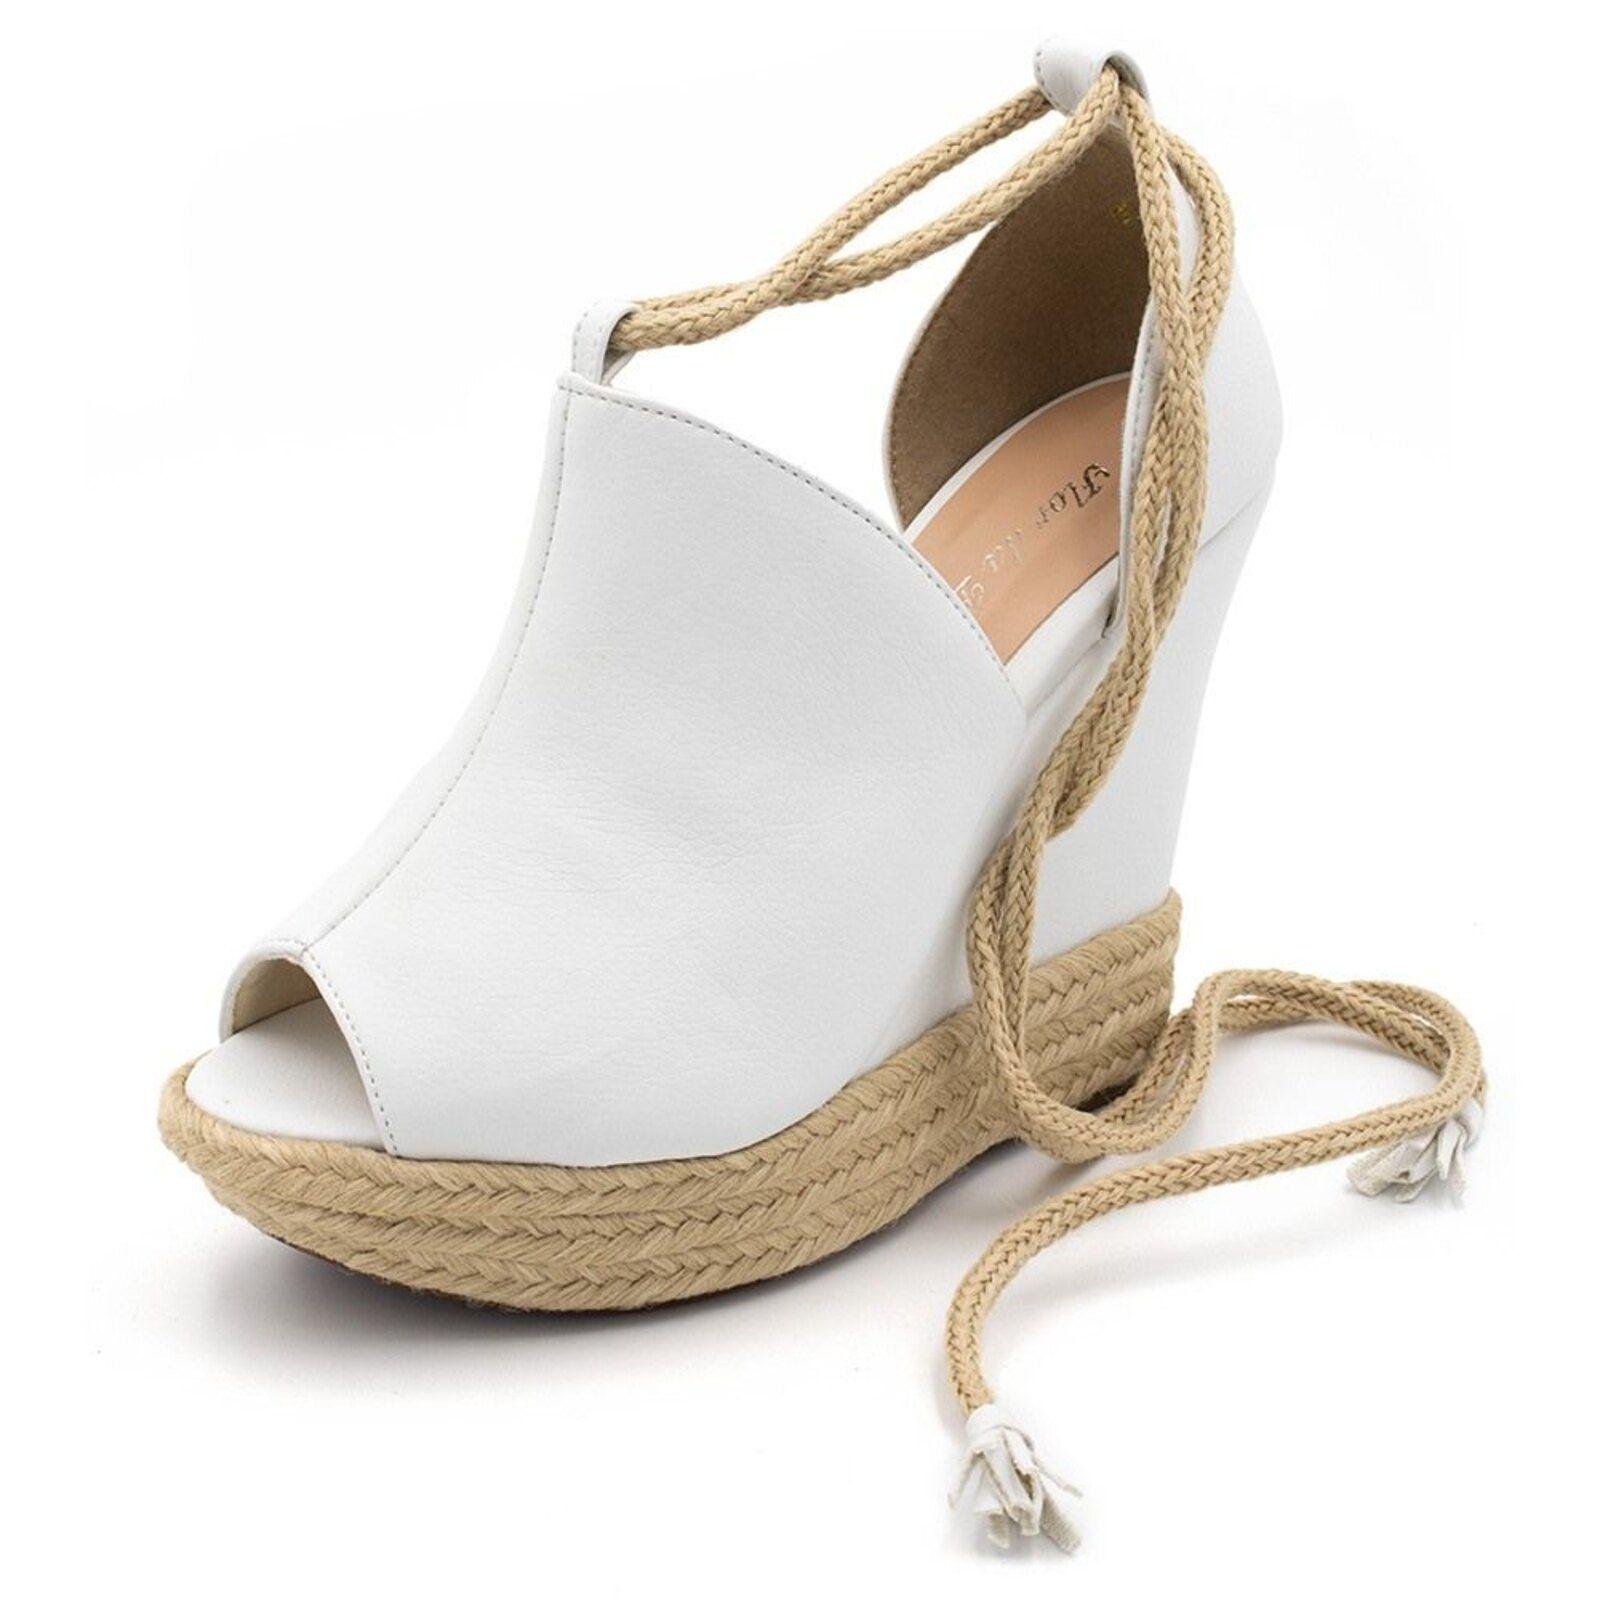 Sandália Anabela Flor da Pele Branca | Calçados novos, Salto